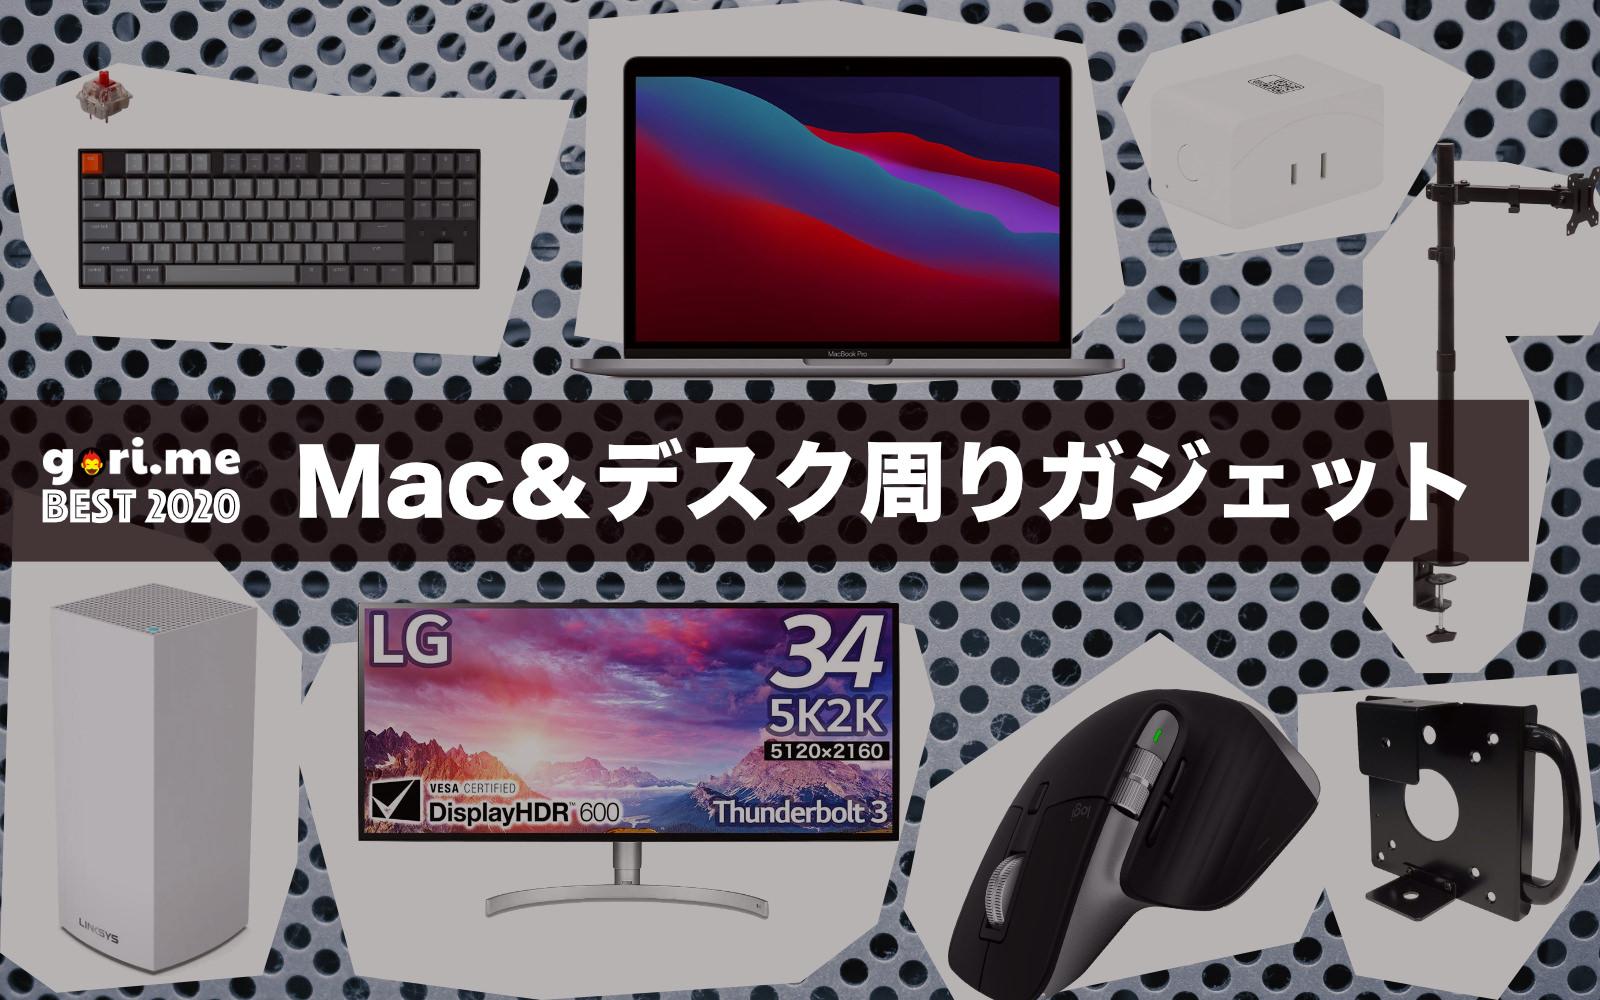 Gorime best 2020 mac